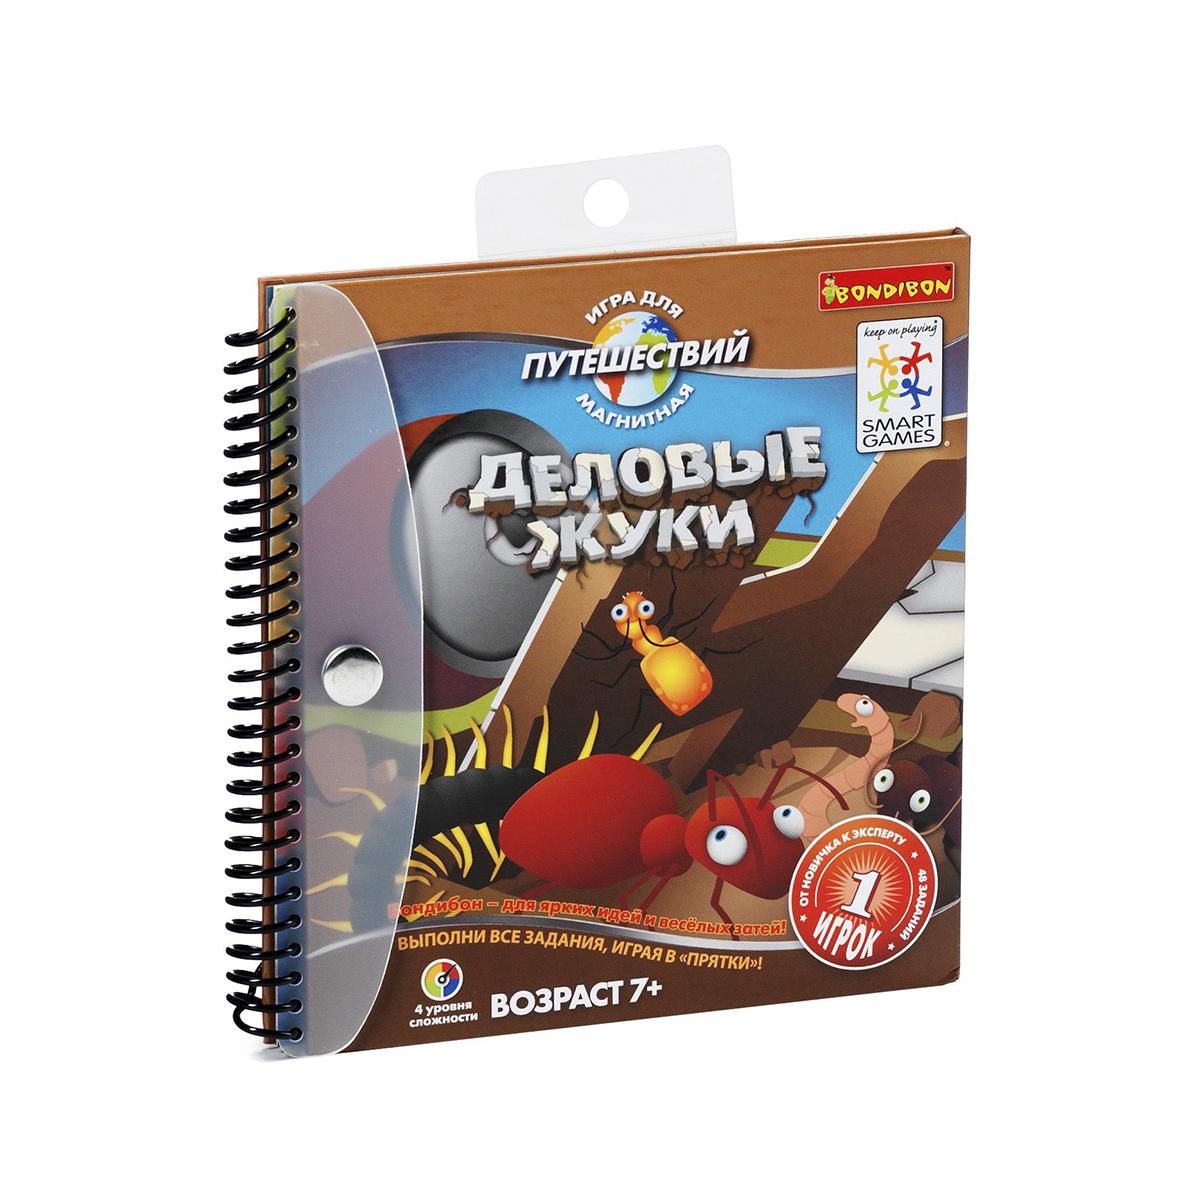 Bondibon Обучающая игра Деловые жуки, Bondibon Creatures Co., LTD